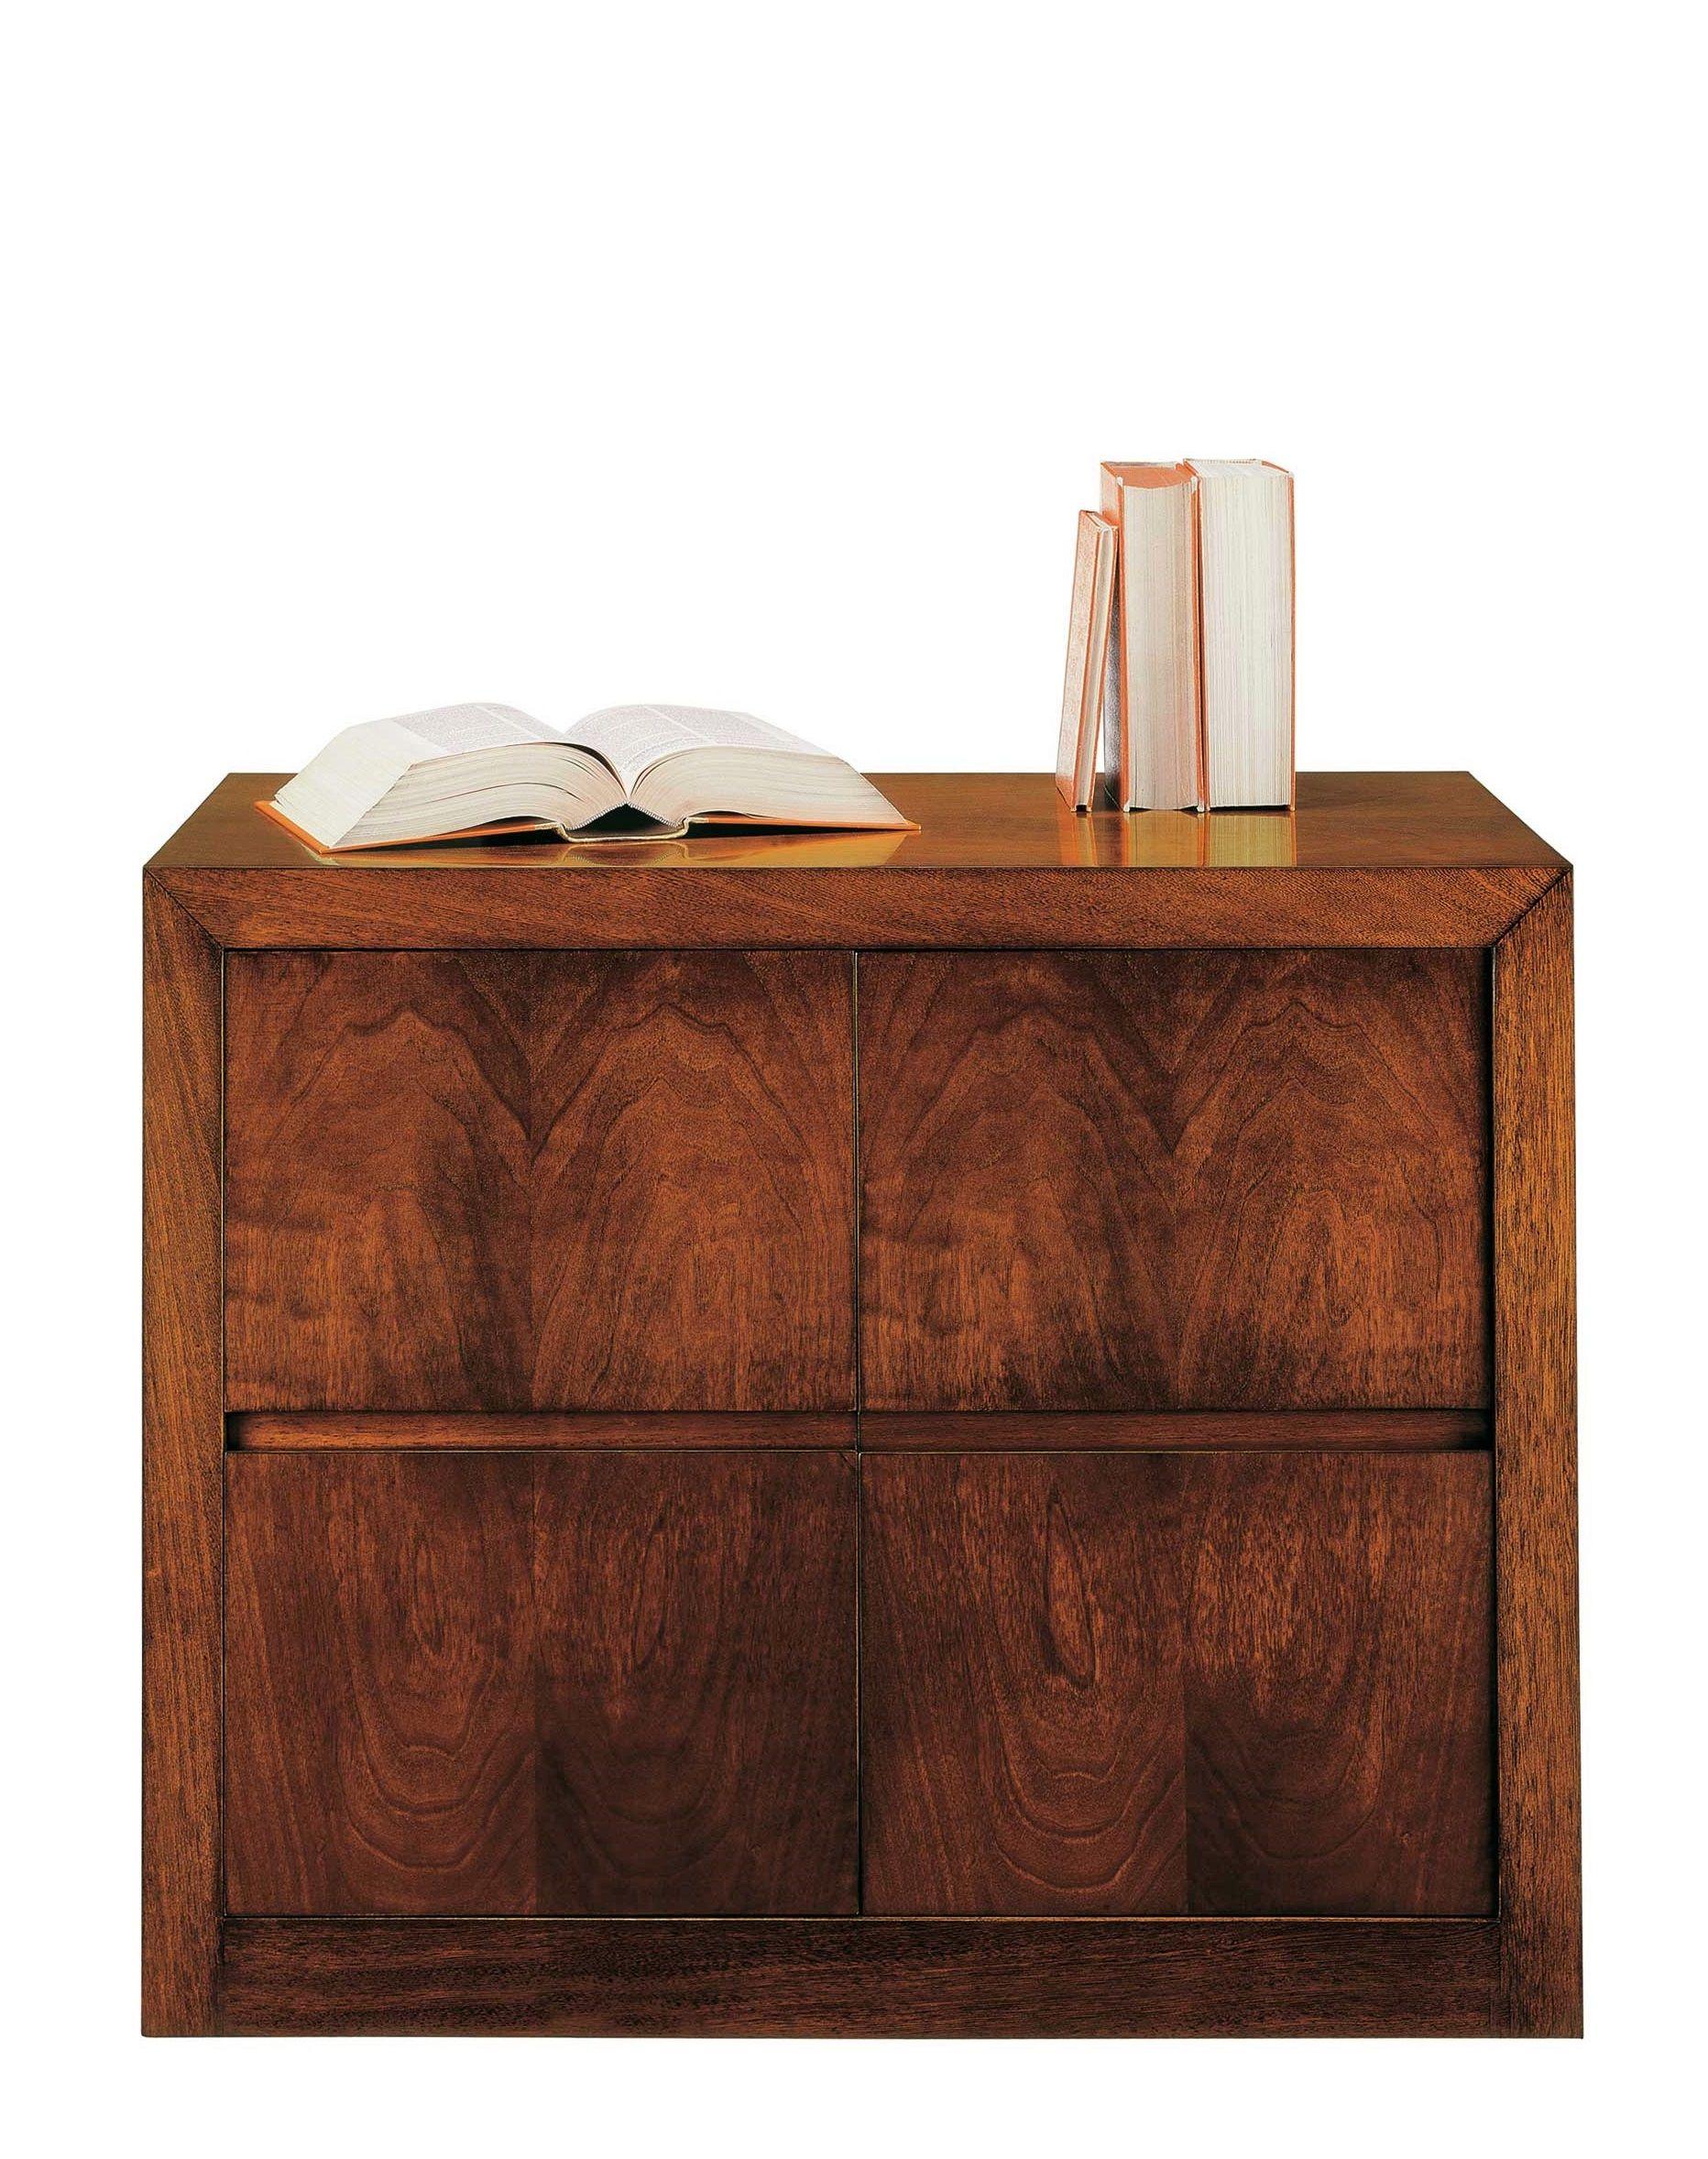 Mueble archivador para despachos y oficinas alta decoraci n for Mueble archivador oficina